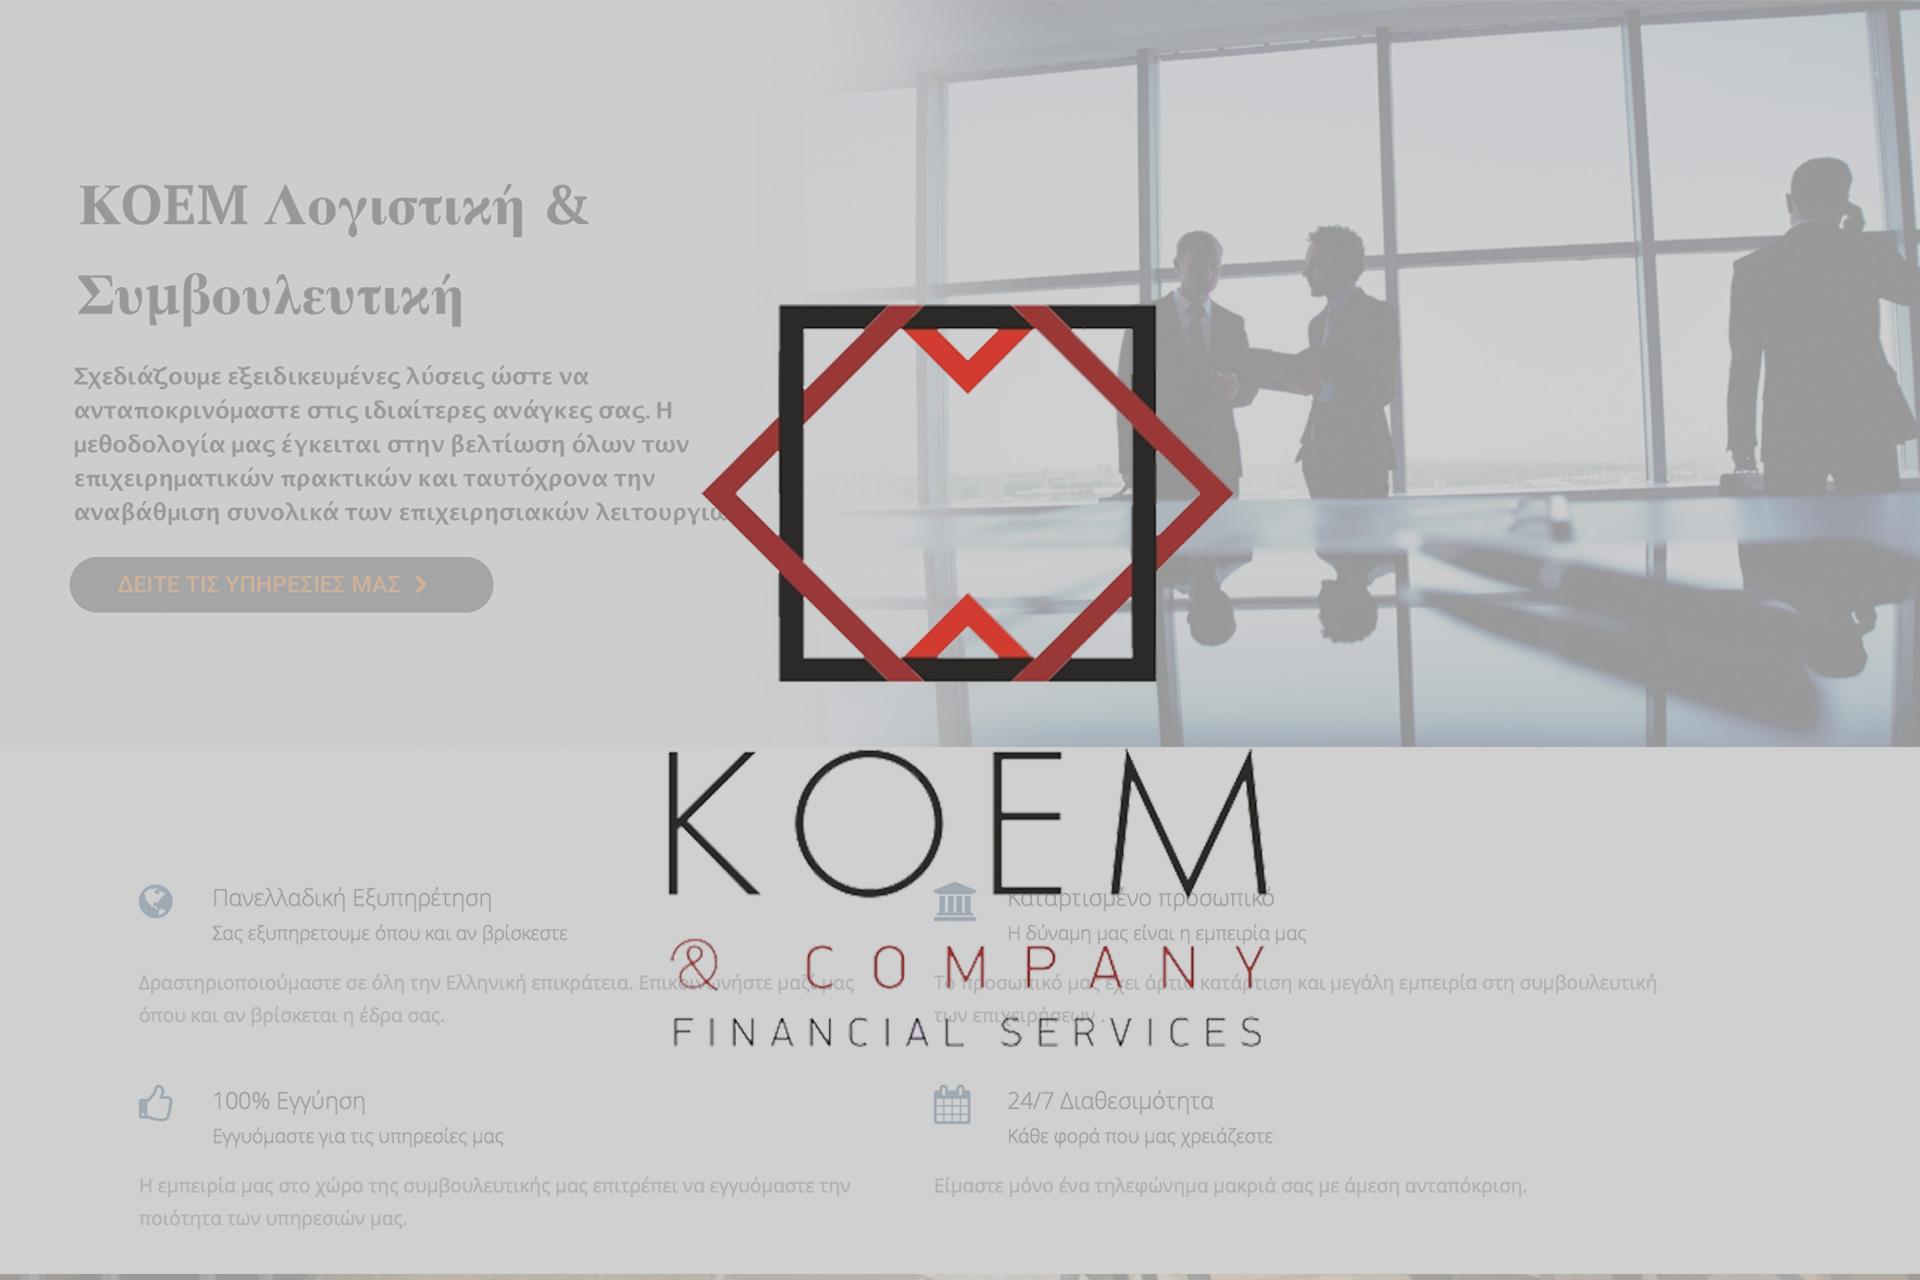 KOEM CONSULTING